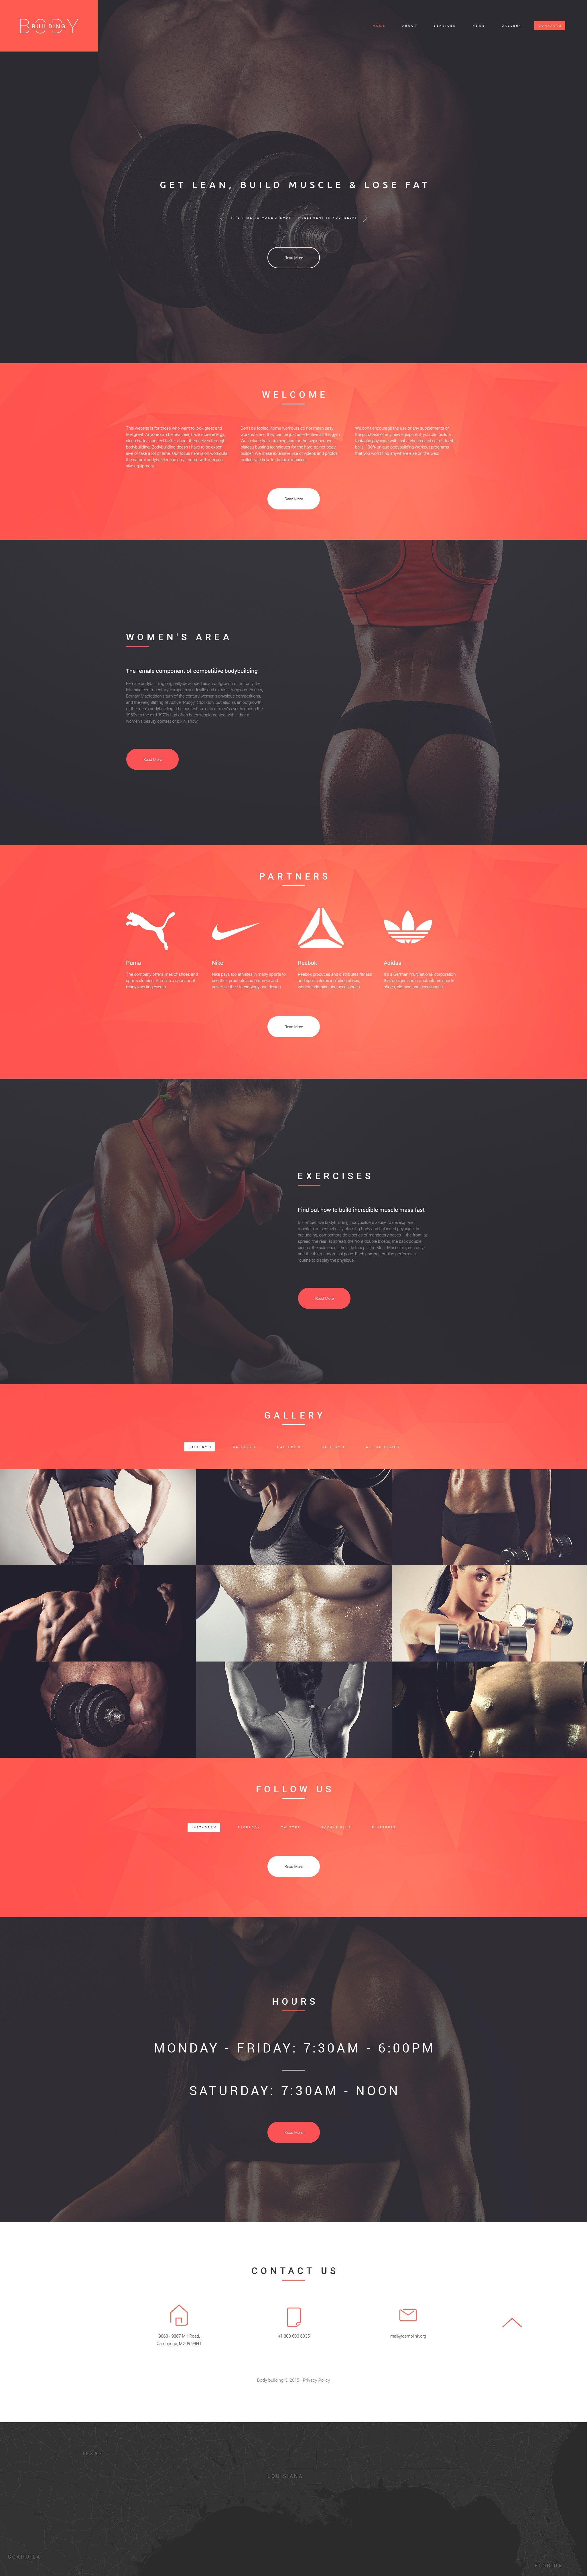 Responsywny szablon strony www Bodybuilders' Club #55451